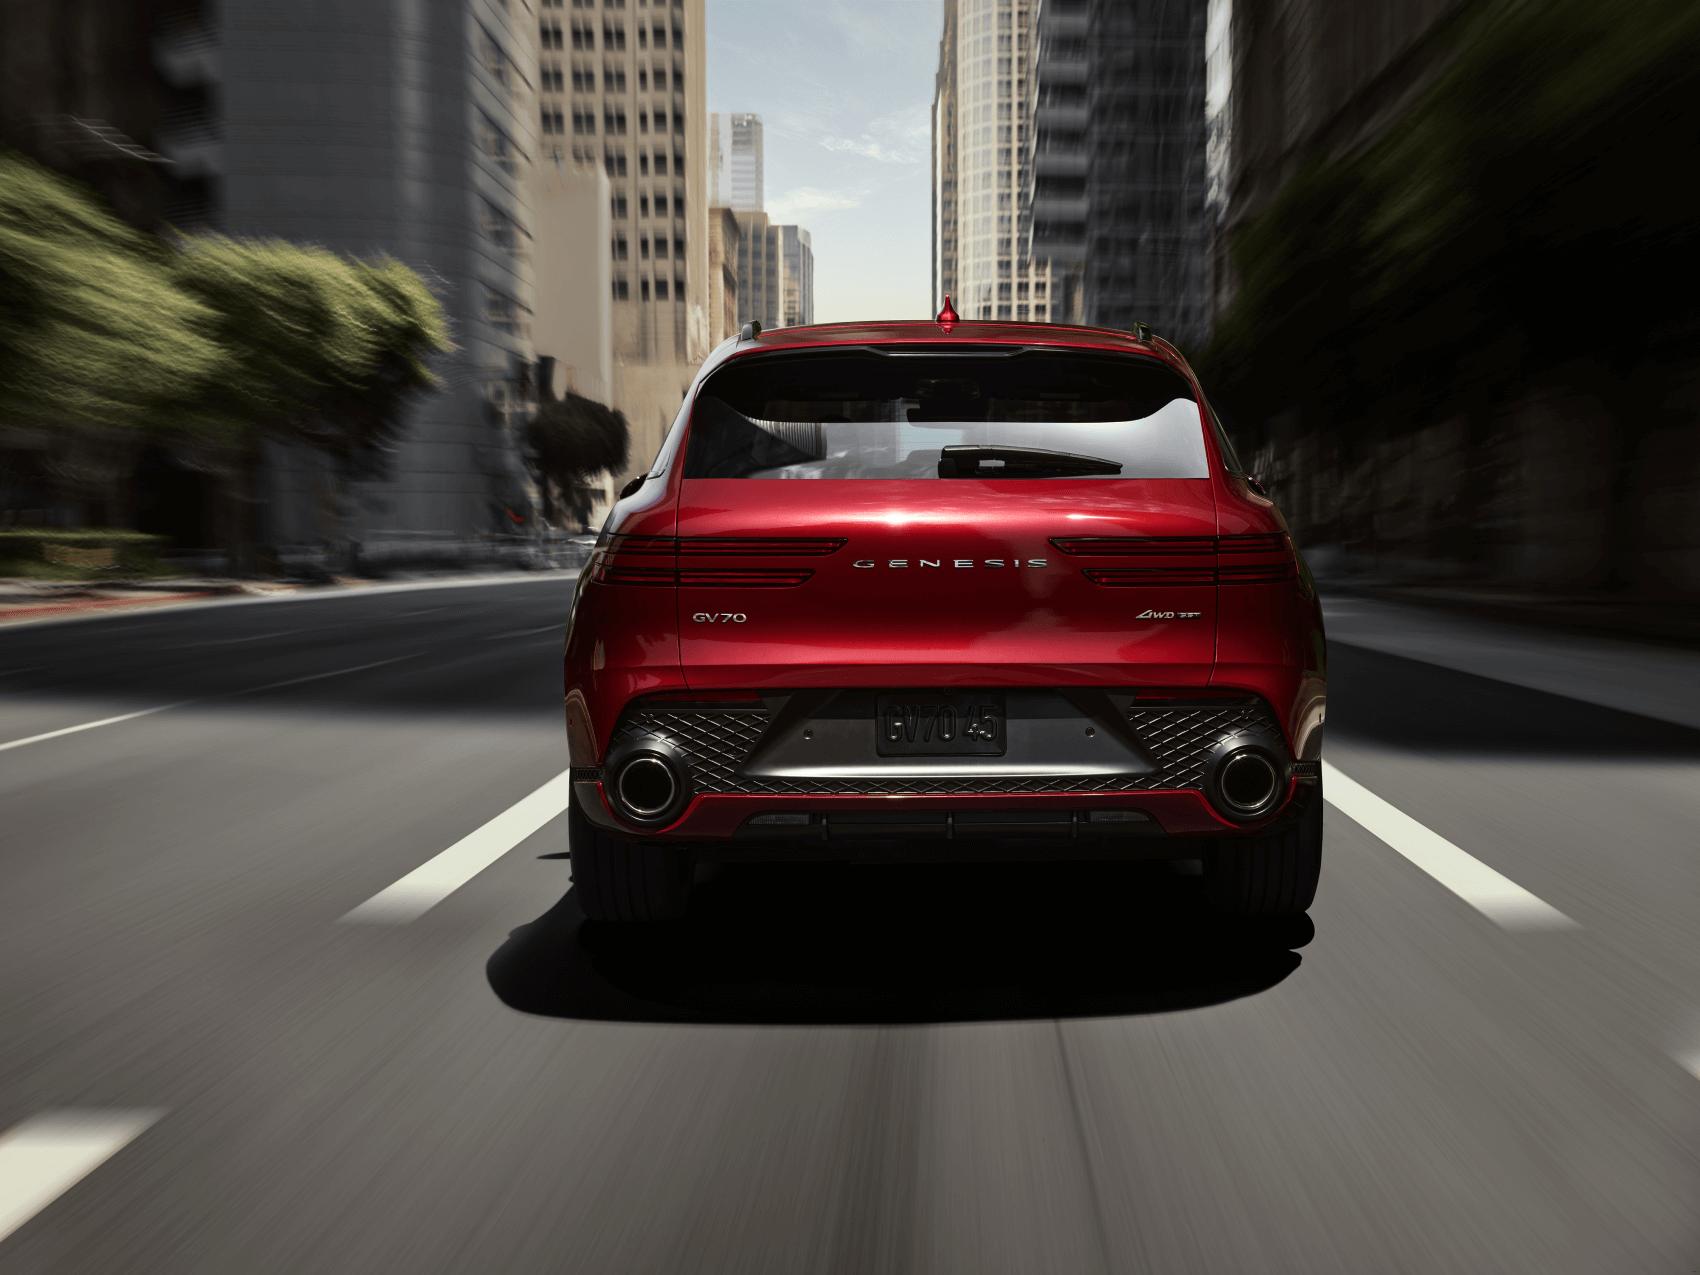 2022 Genesis GV70 Red Rear 2